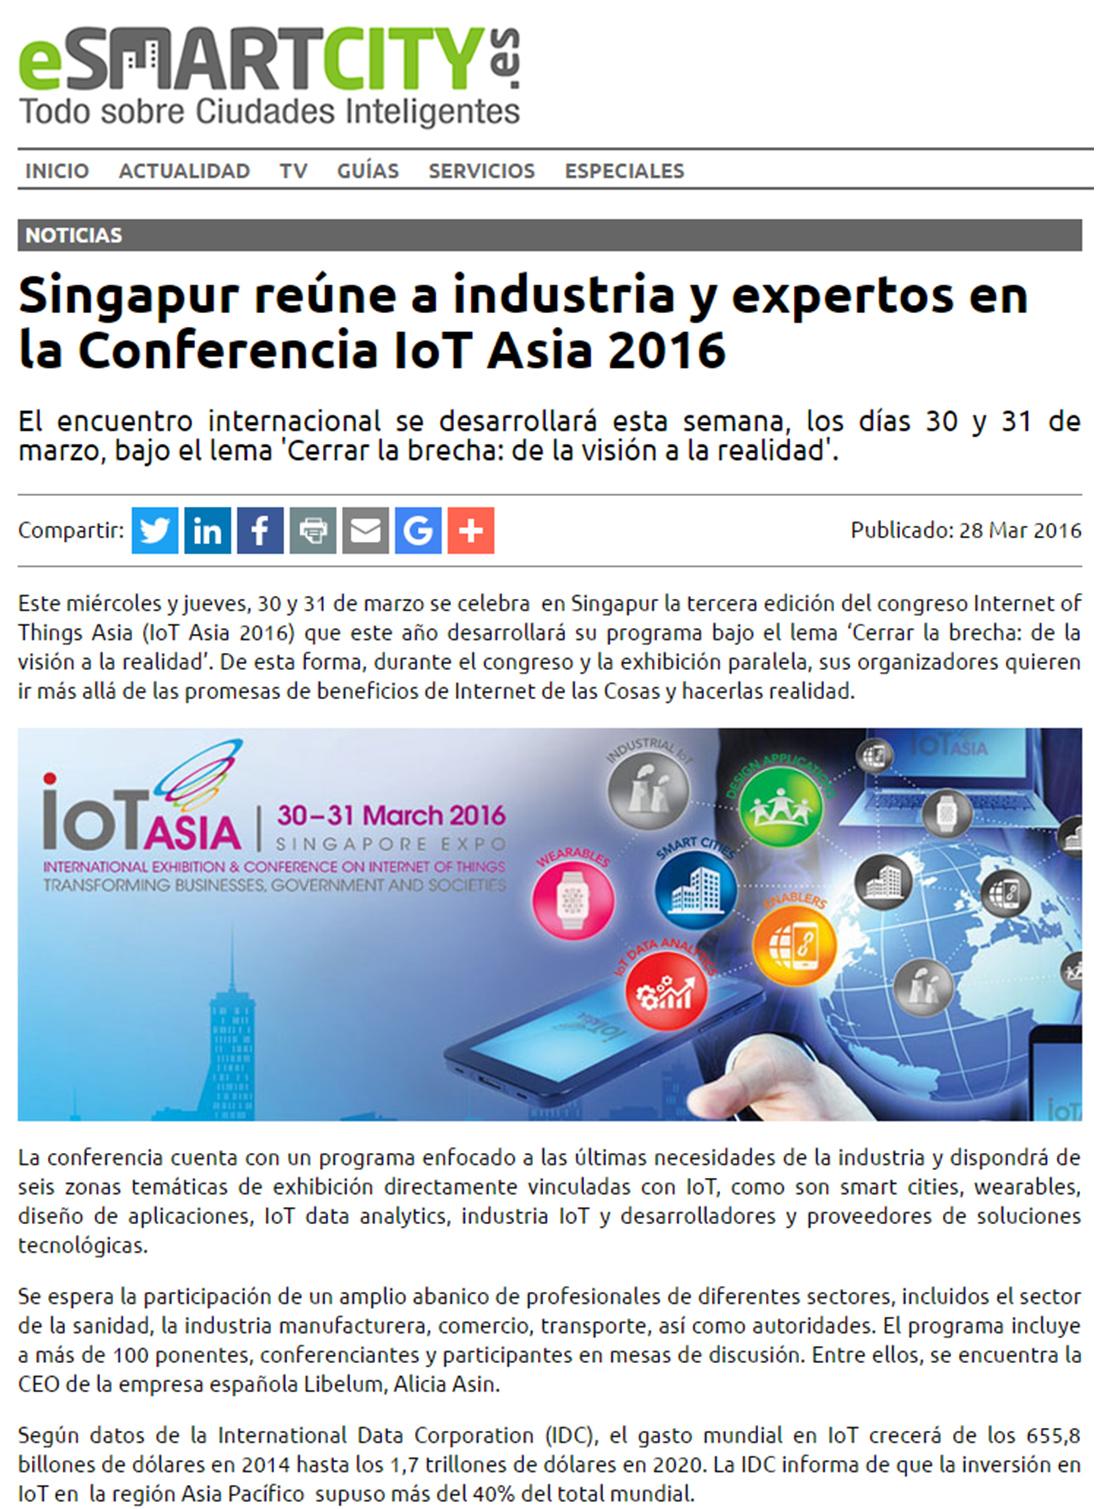 Esmartcity.es – Libelium en IoT Asia